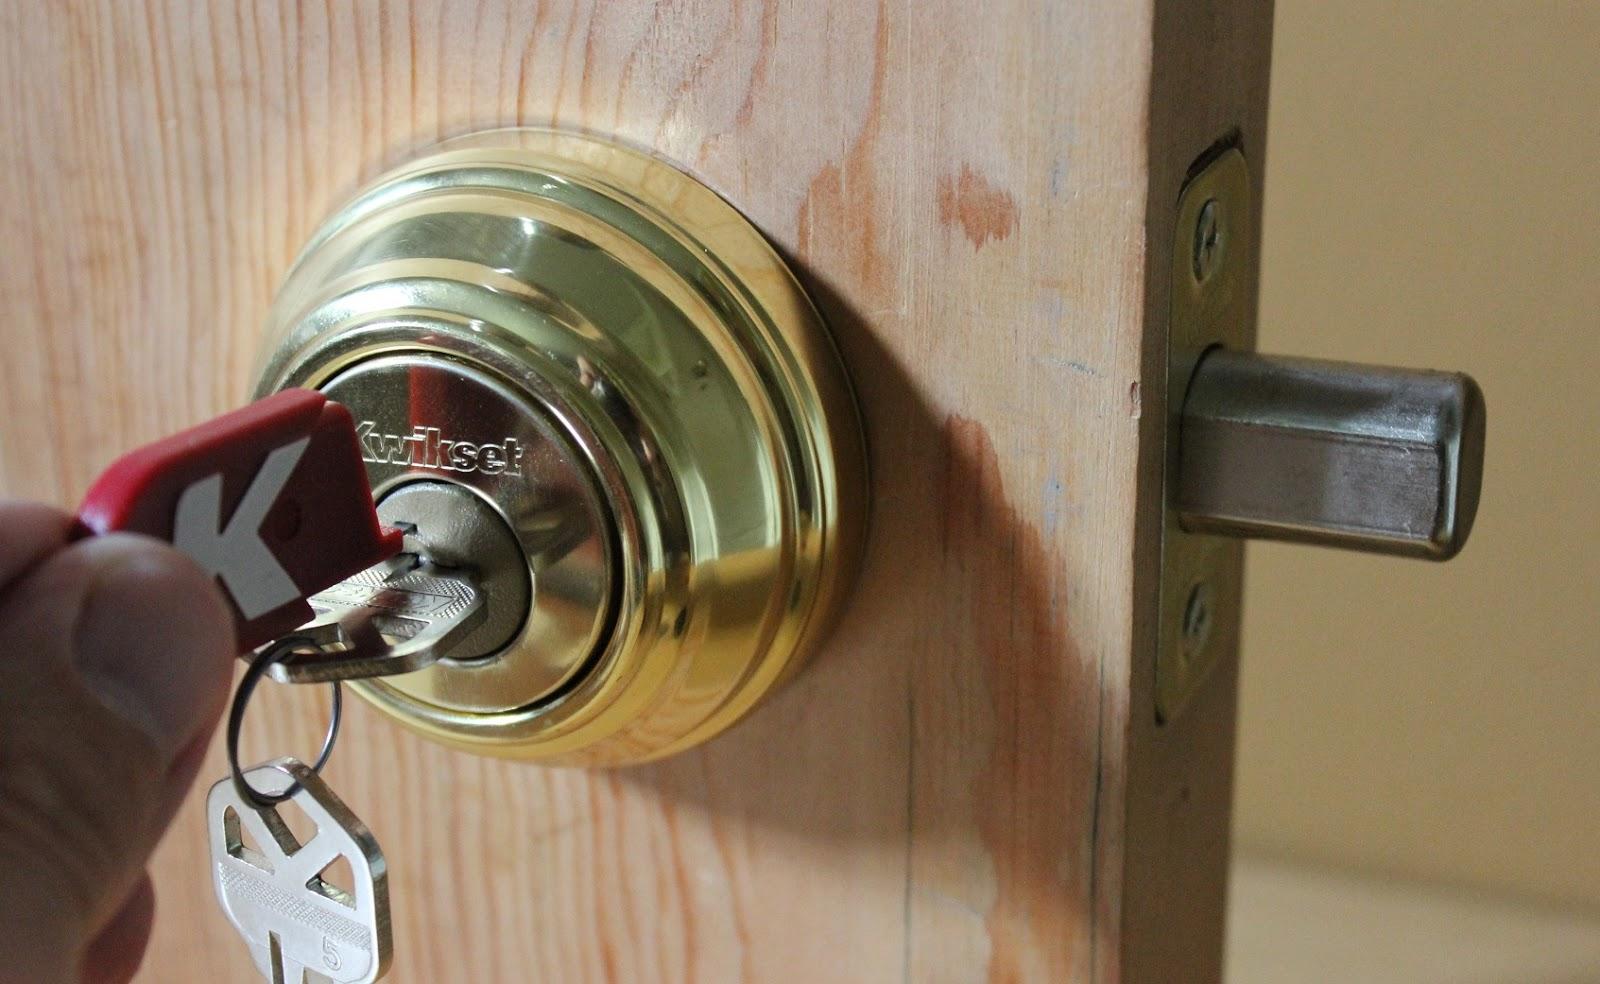 Cutting Keys, Not Corners: How to Identify & Rekey SmartKey Locks